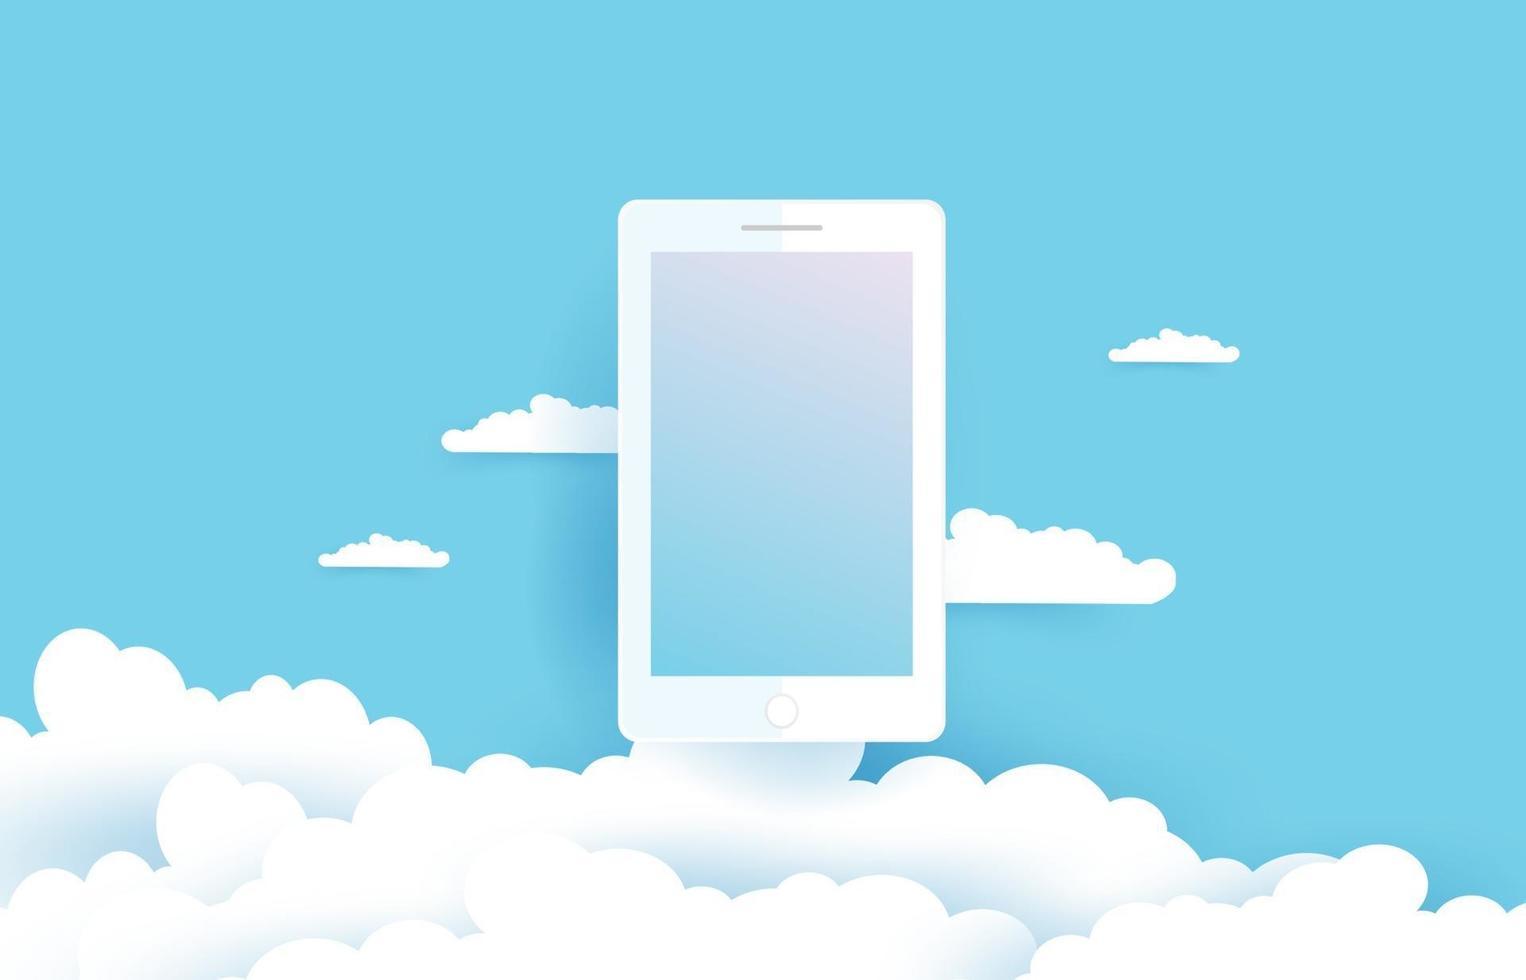 móvil y nubes en estilo de corte de papel. ilustración vectorial eps10. vector